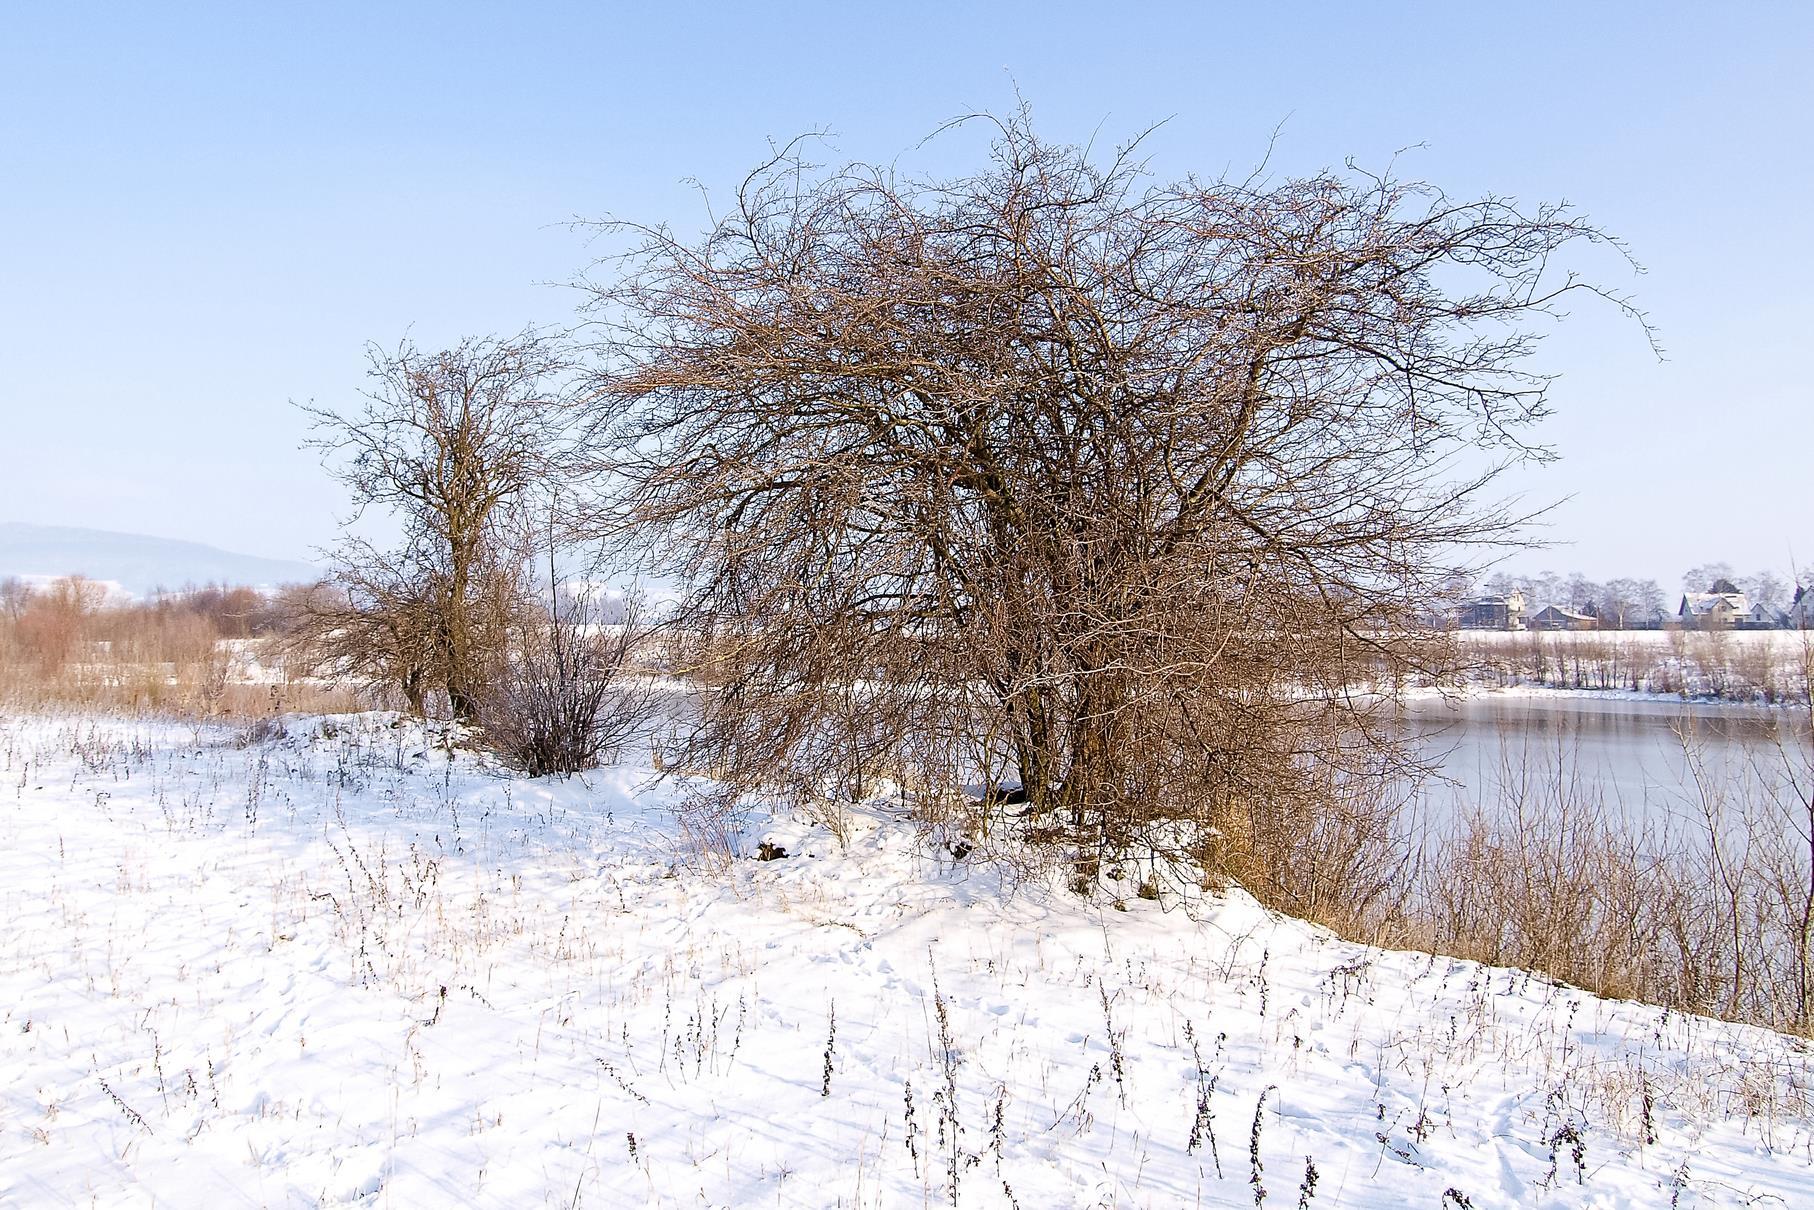 Der Rundweg und die Uferbereiche sind im Januar oft mit Schnee bedeckt.